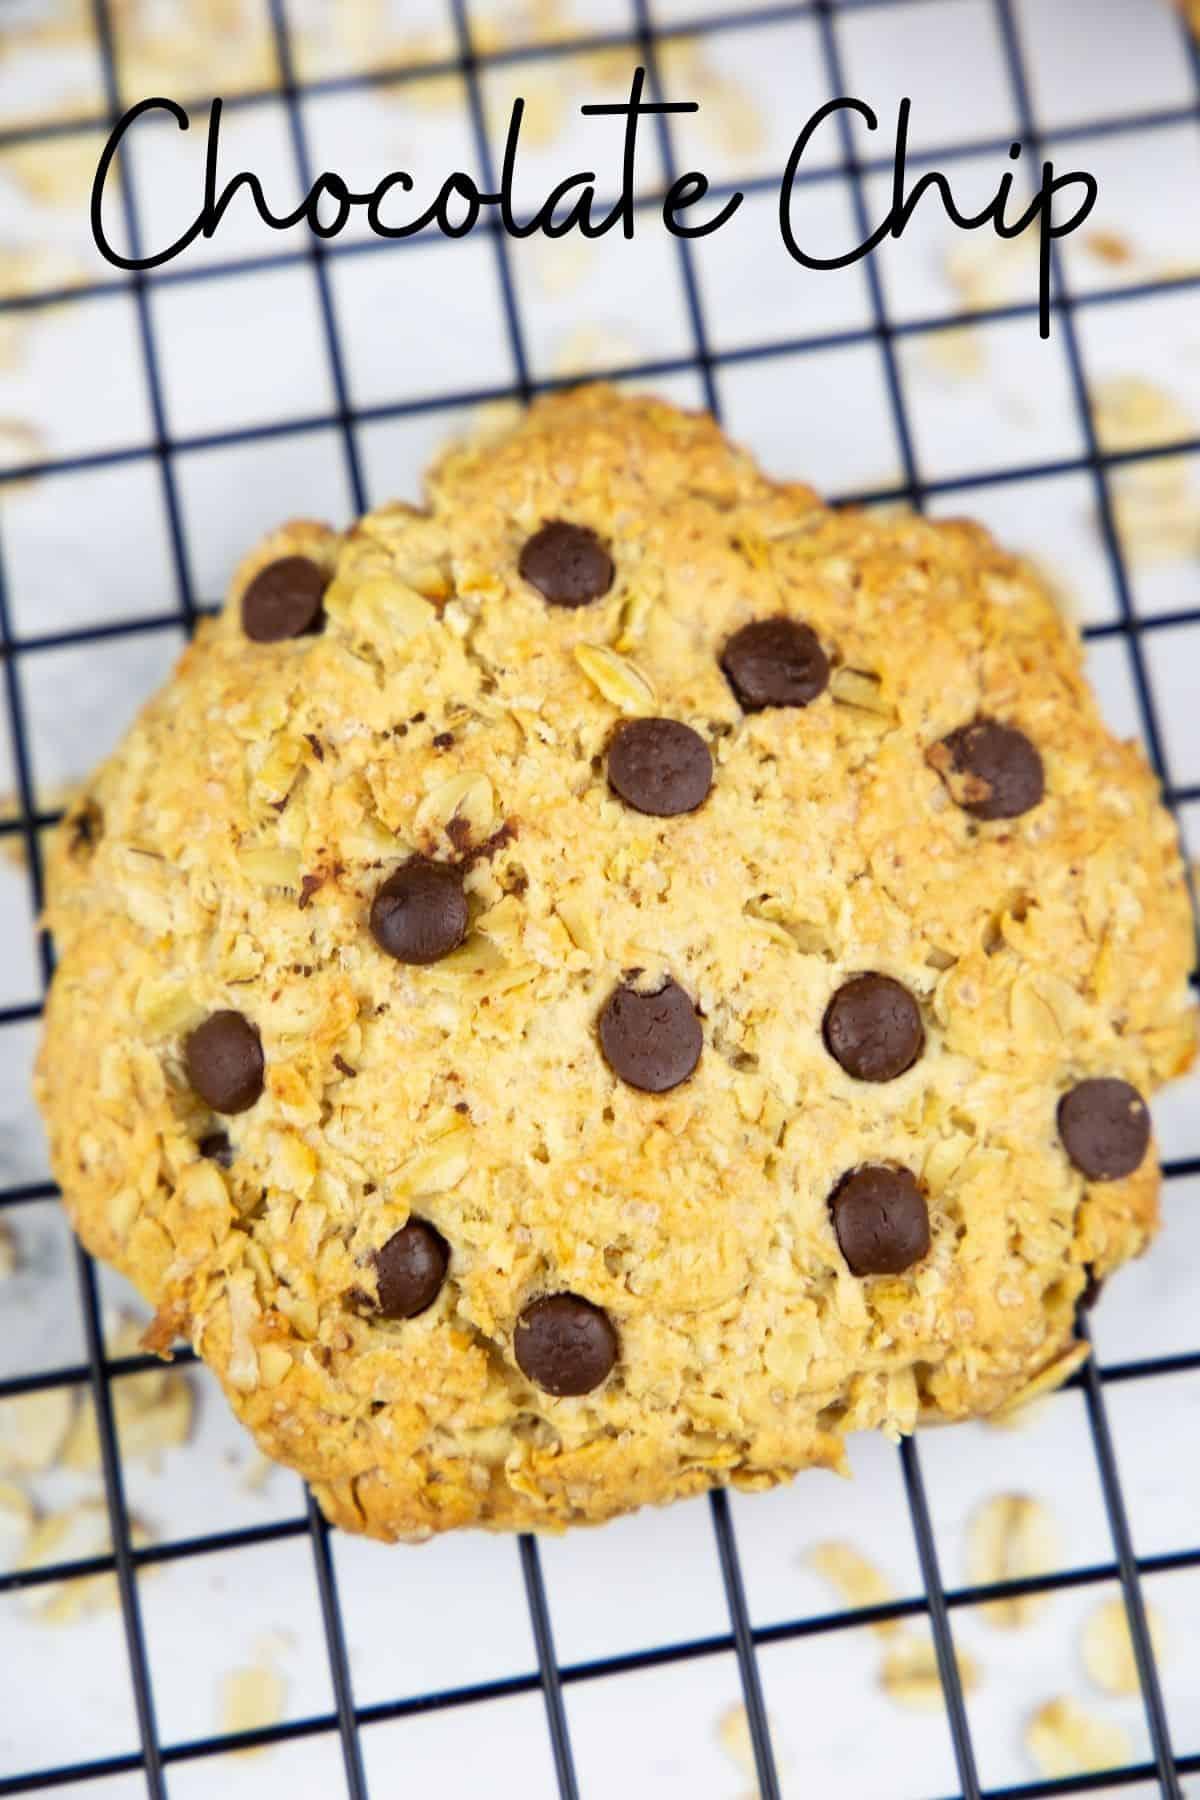 ein Hafer Cookie mit Chocolate Chips auf einem Abkühlgitter